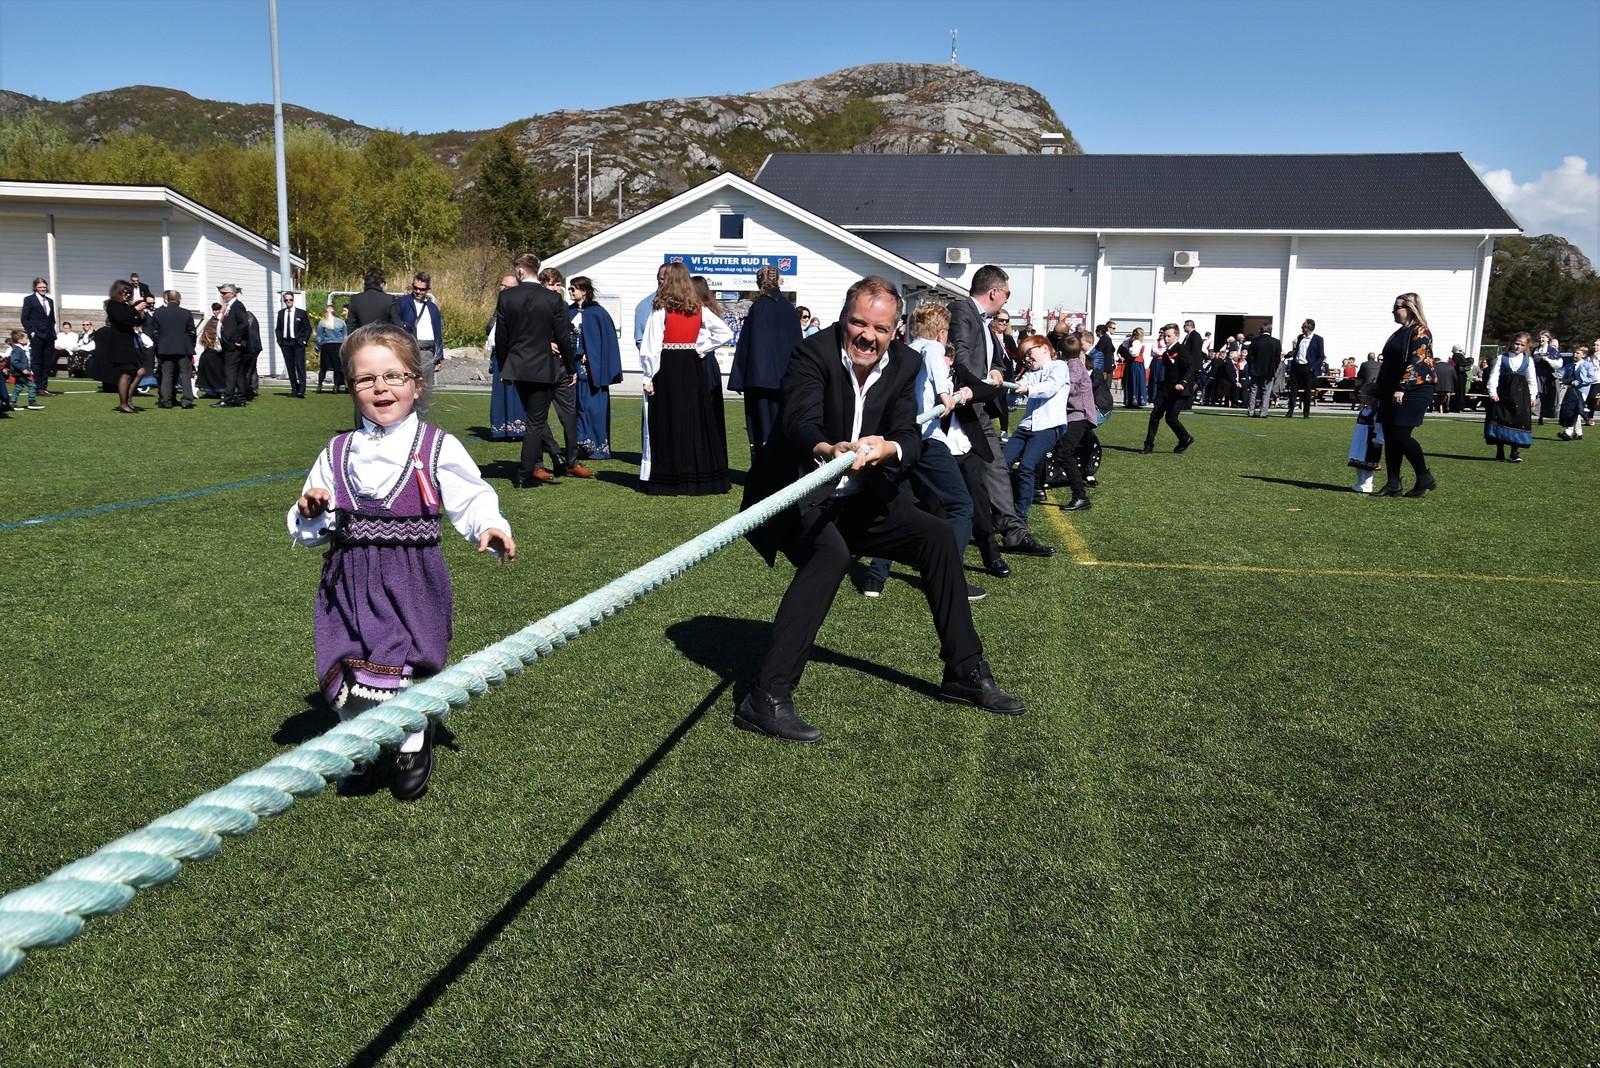 Tautrekking var populært i Bud på nasjonaldagen.